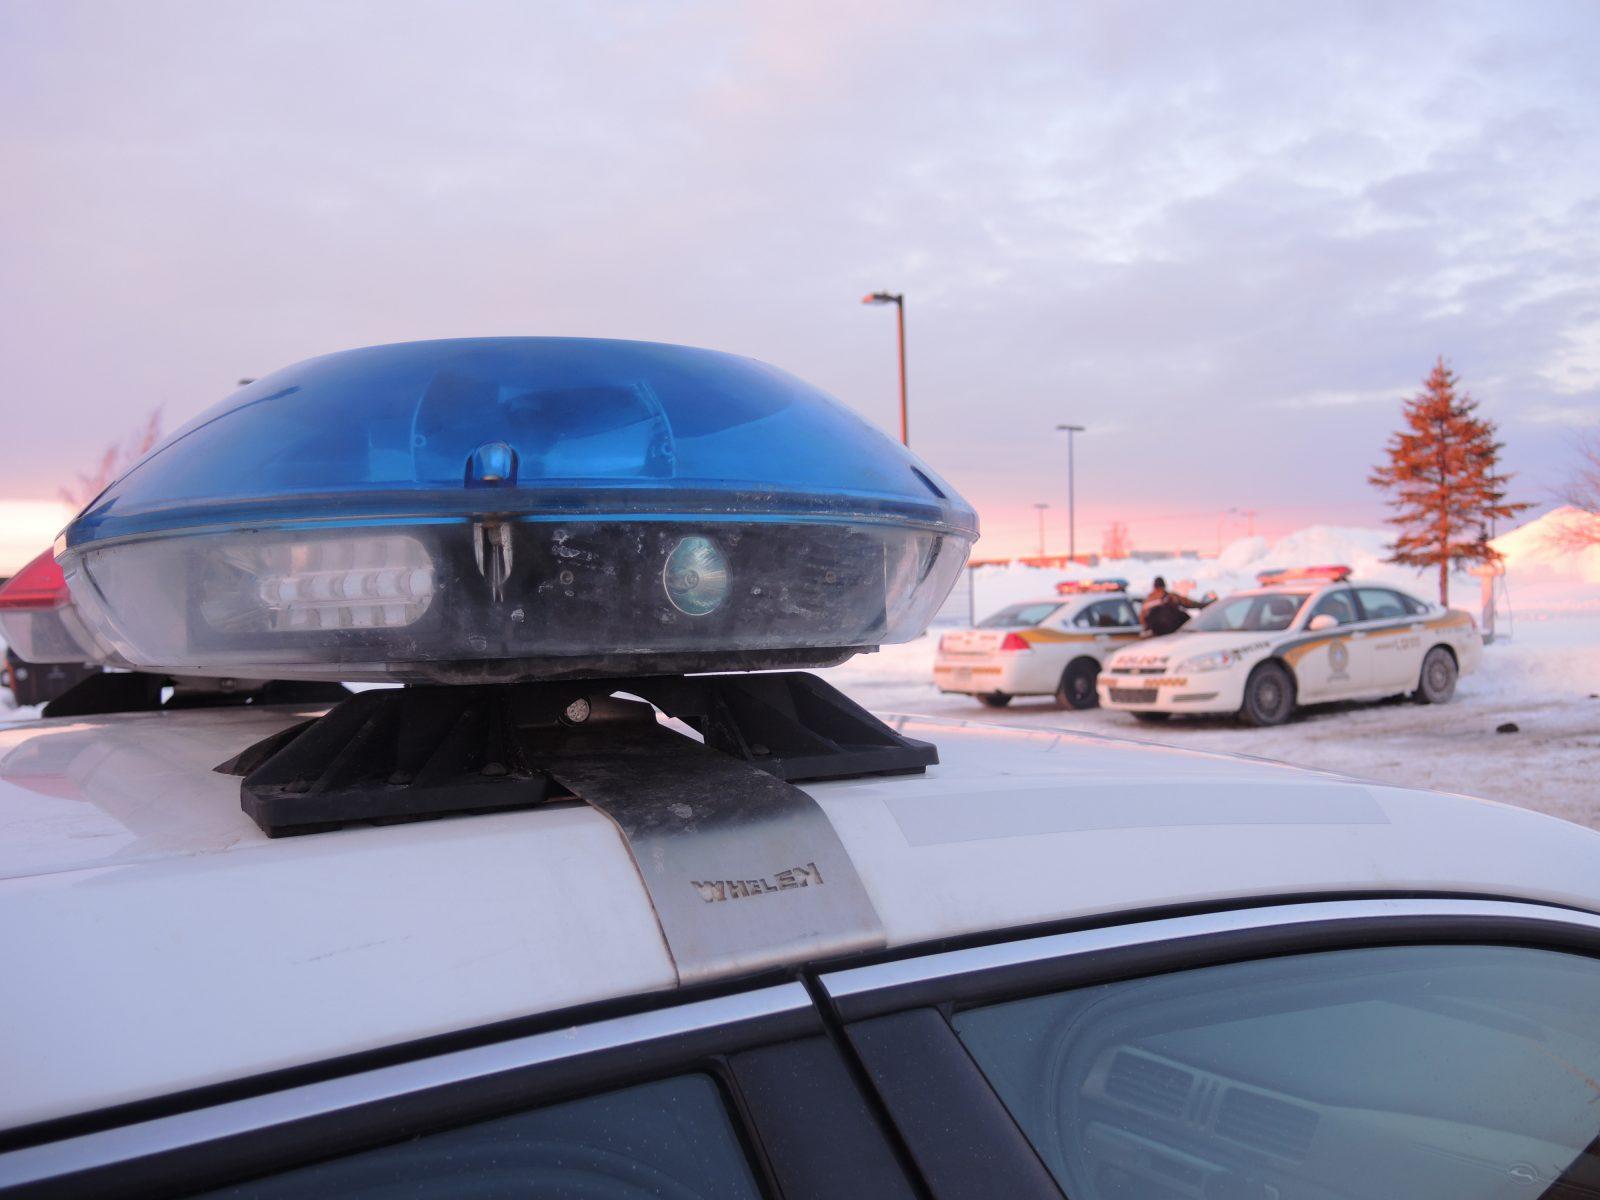 Un homme de 23 ans déclenche une poursuite policière